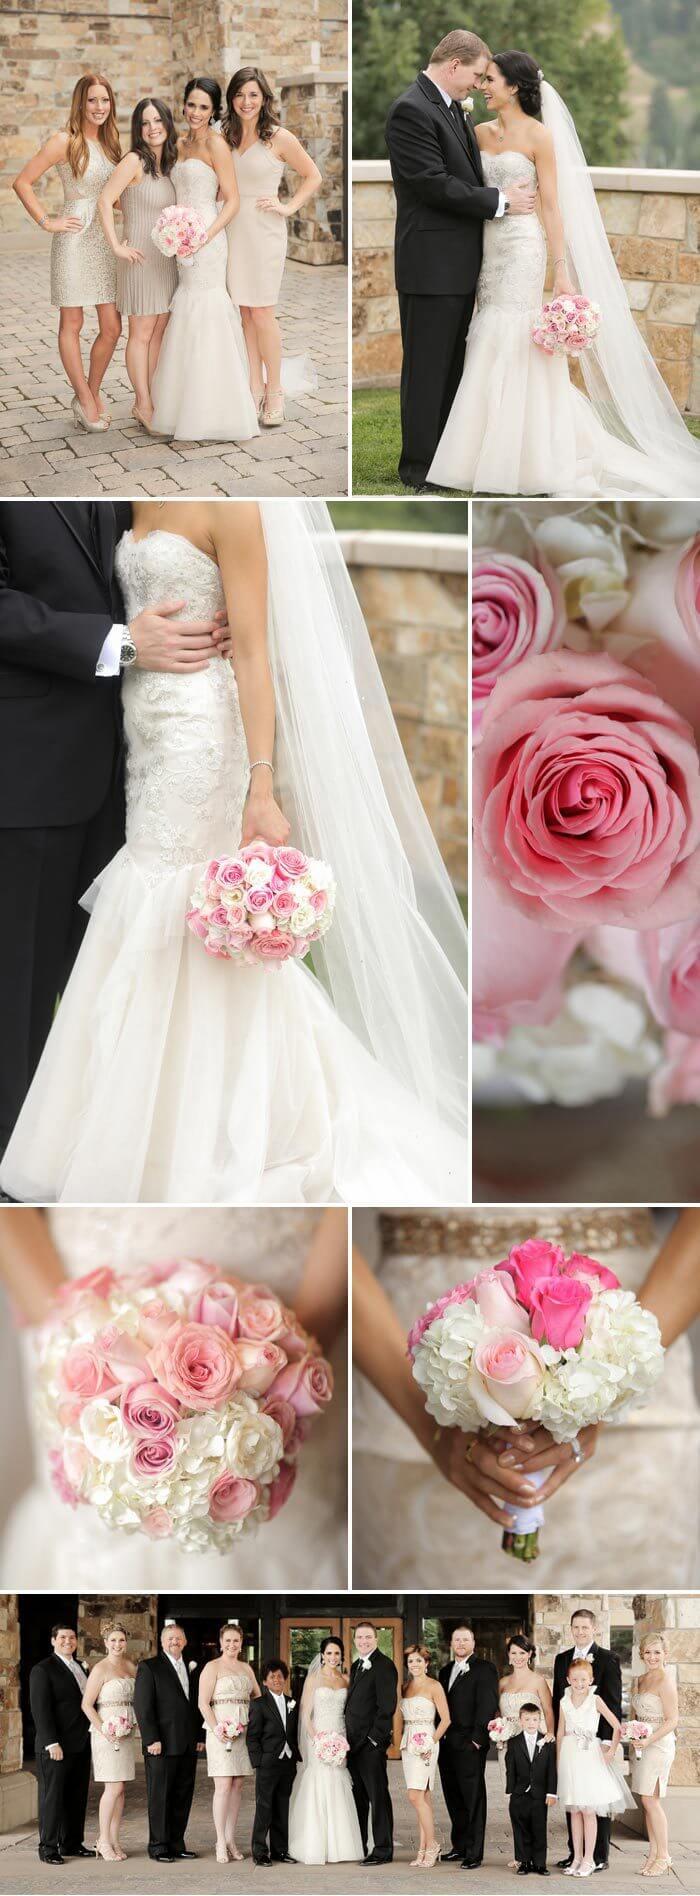 Hochzeit in Rosa und Gold